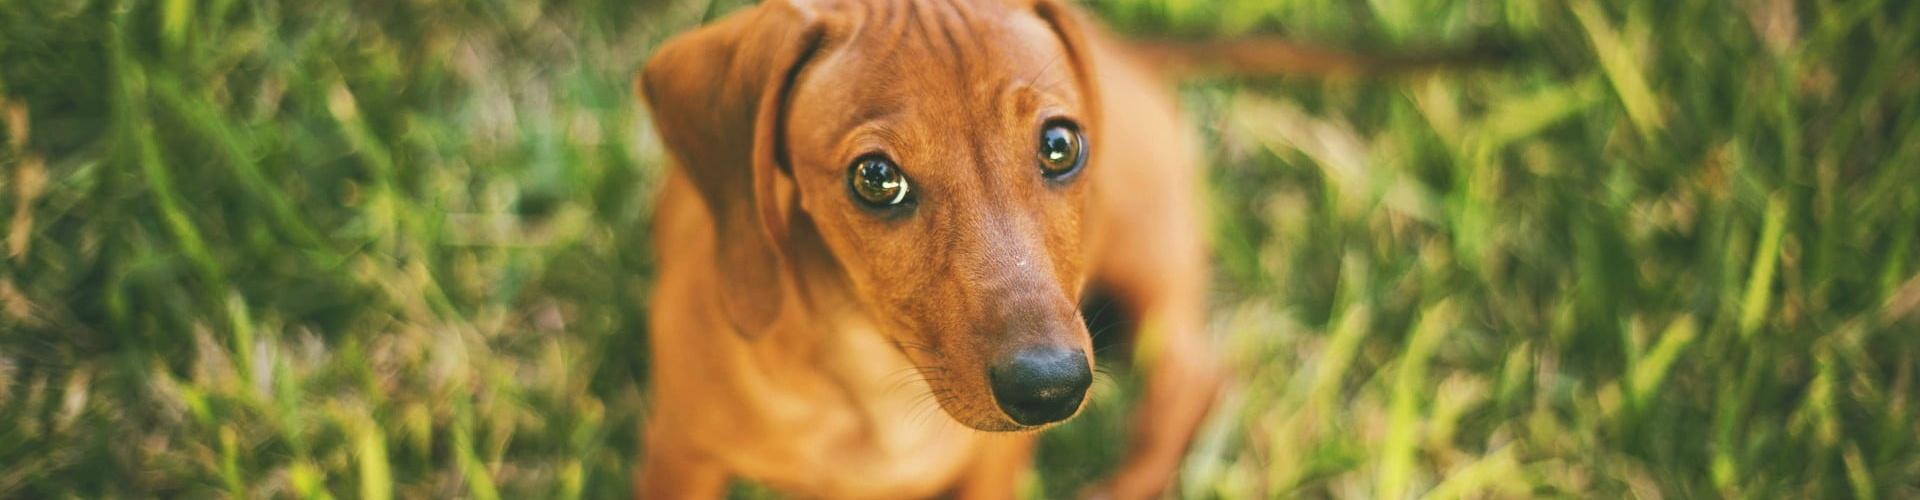 tacskokolyok, tacskó, tacsko, kölyök, kutya, kutyaszeretet, kutyaszemek, kutyás, kutyák,